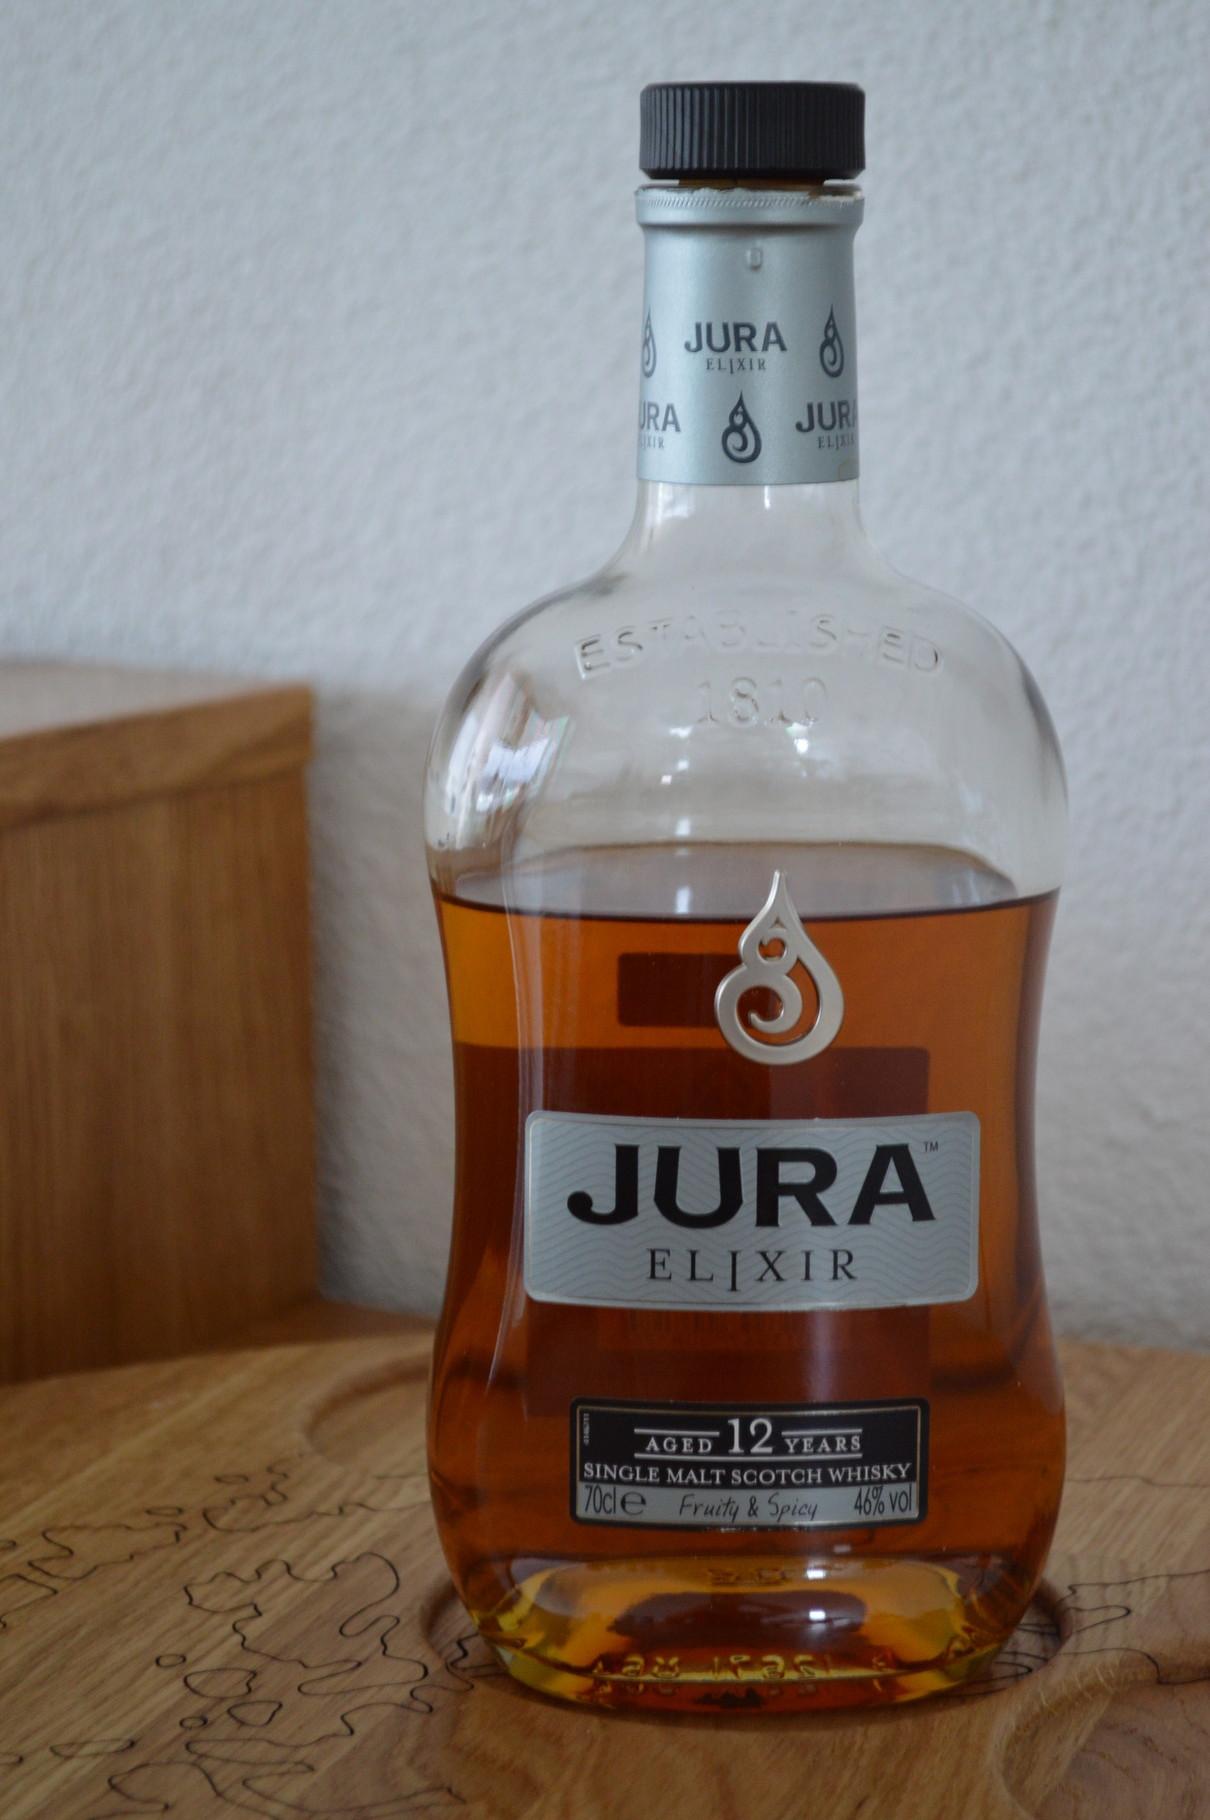 ISLANDS - Jura* - Aged: 12 years - Bottler: Original - 70cl - 46% - Elixir